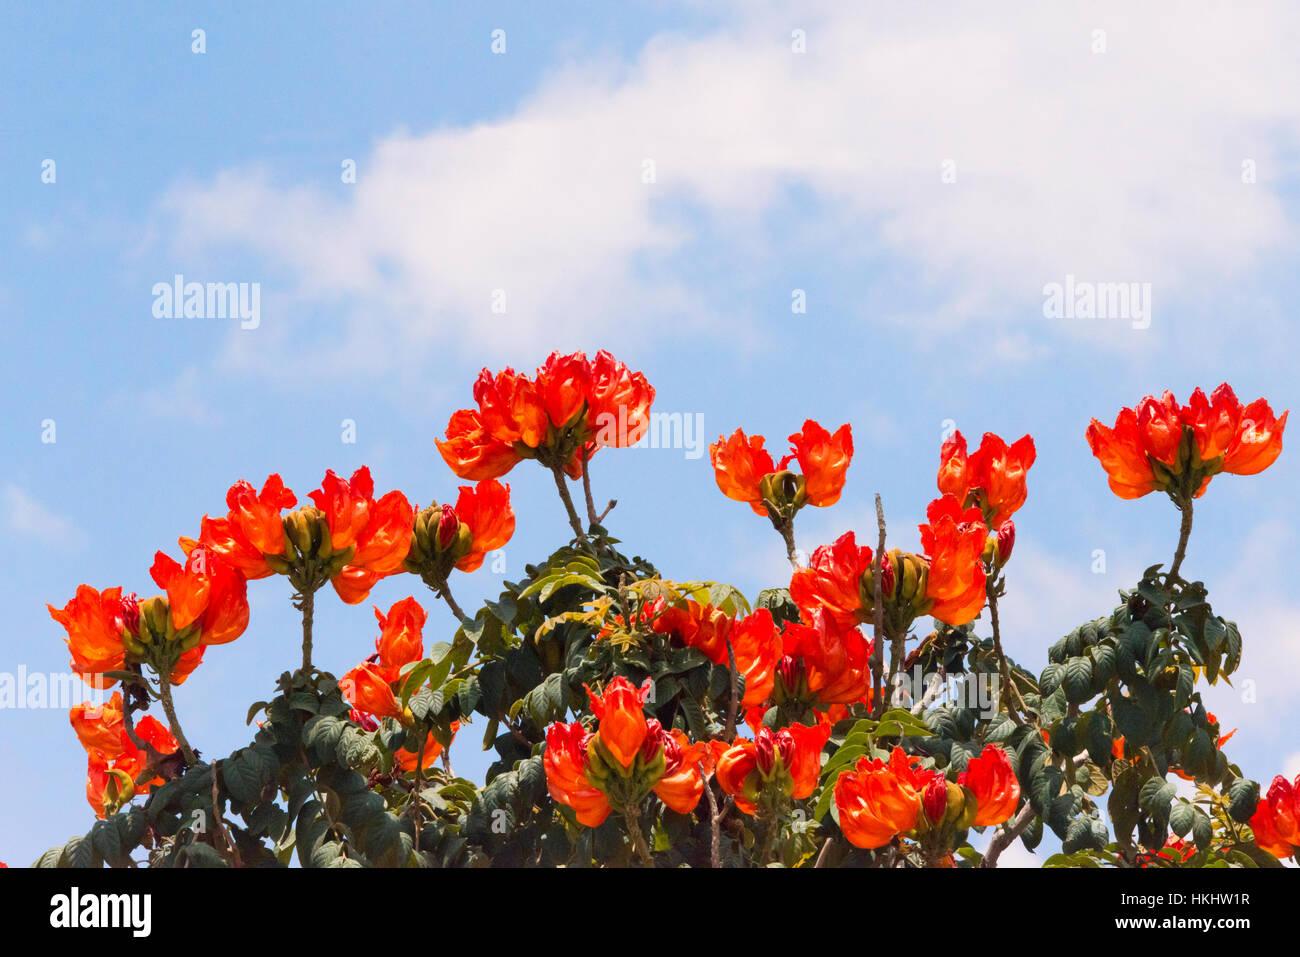 Flaming flower, Lalibela, Ethiopia Stock Photo